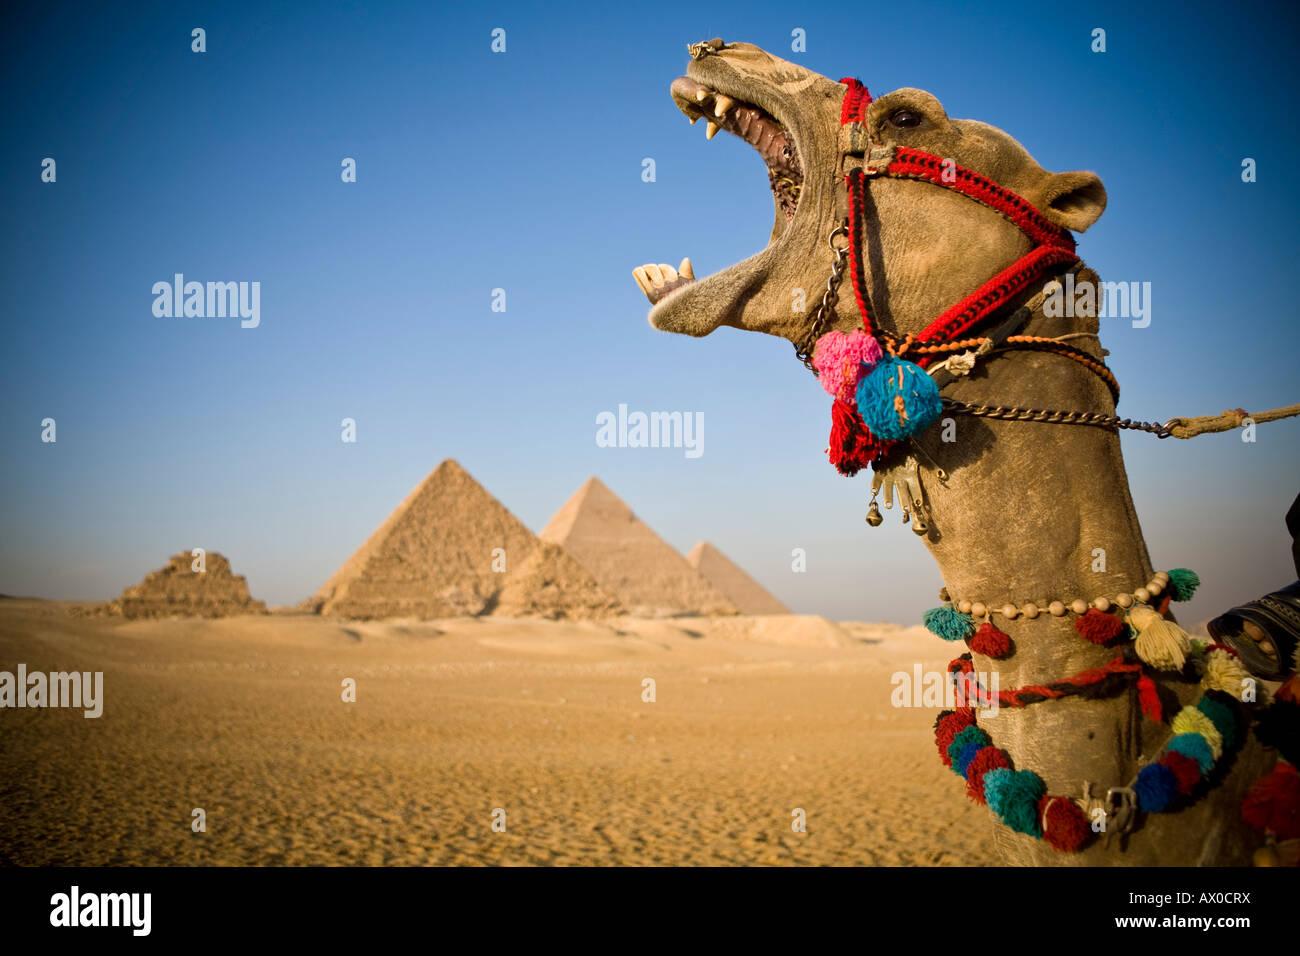 Camel presso le Piramidi di Giza, il Cairo, Egitto Immagini Stock